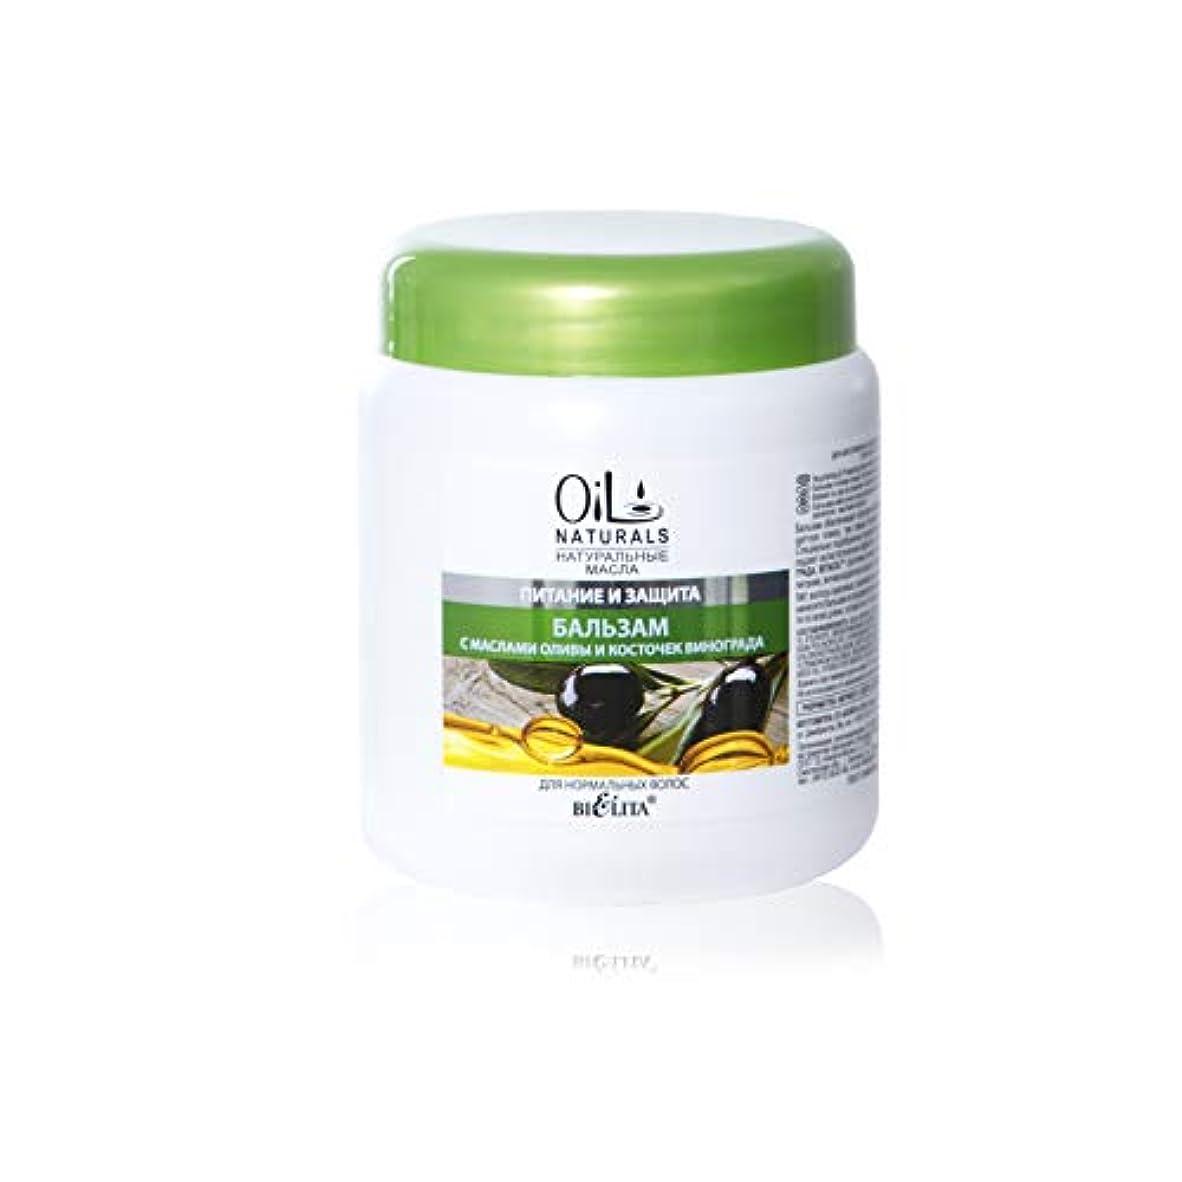 請求可能キャプテンブライ適合するBielita & Vitex Oil Naturals Line | Nutrition & Protection Balm for Normal Hair, 450 ml | Grape Seed Oil, Silk...